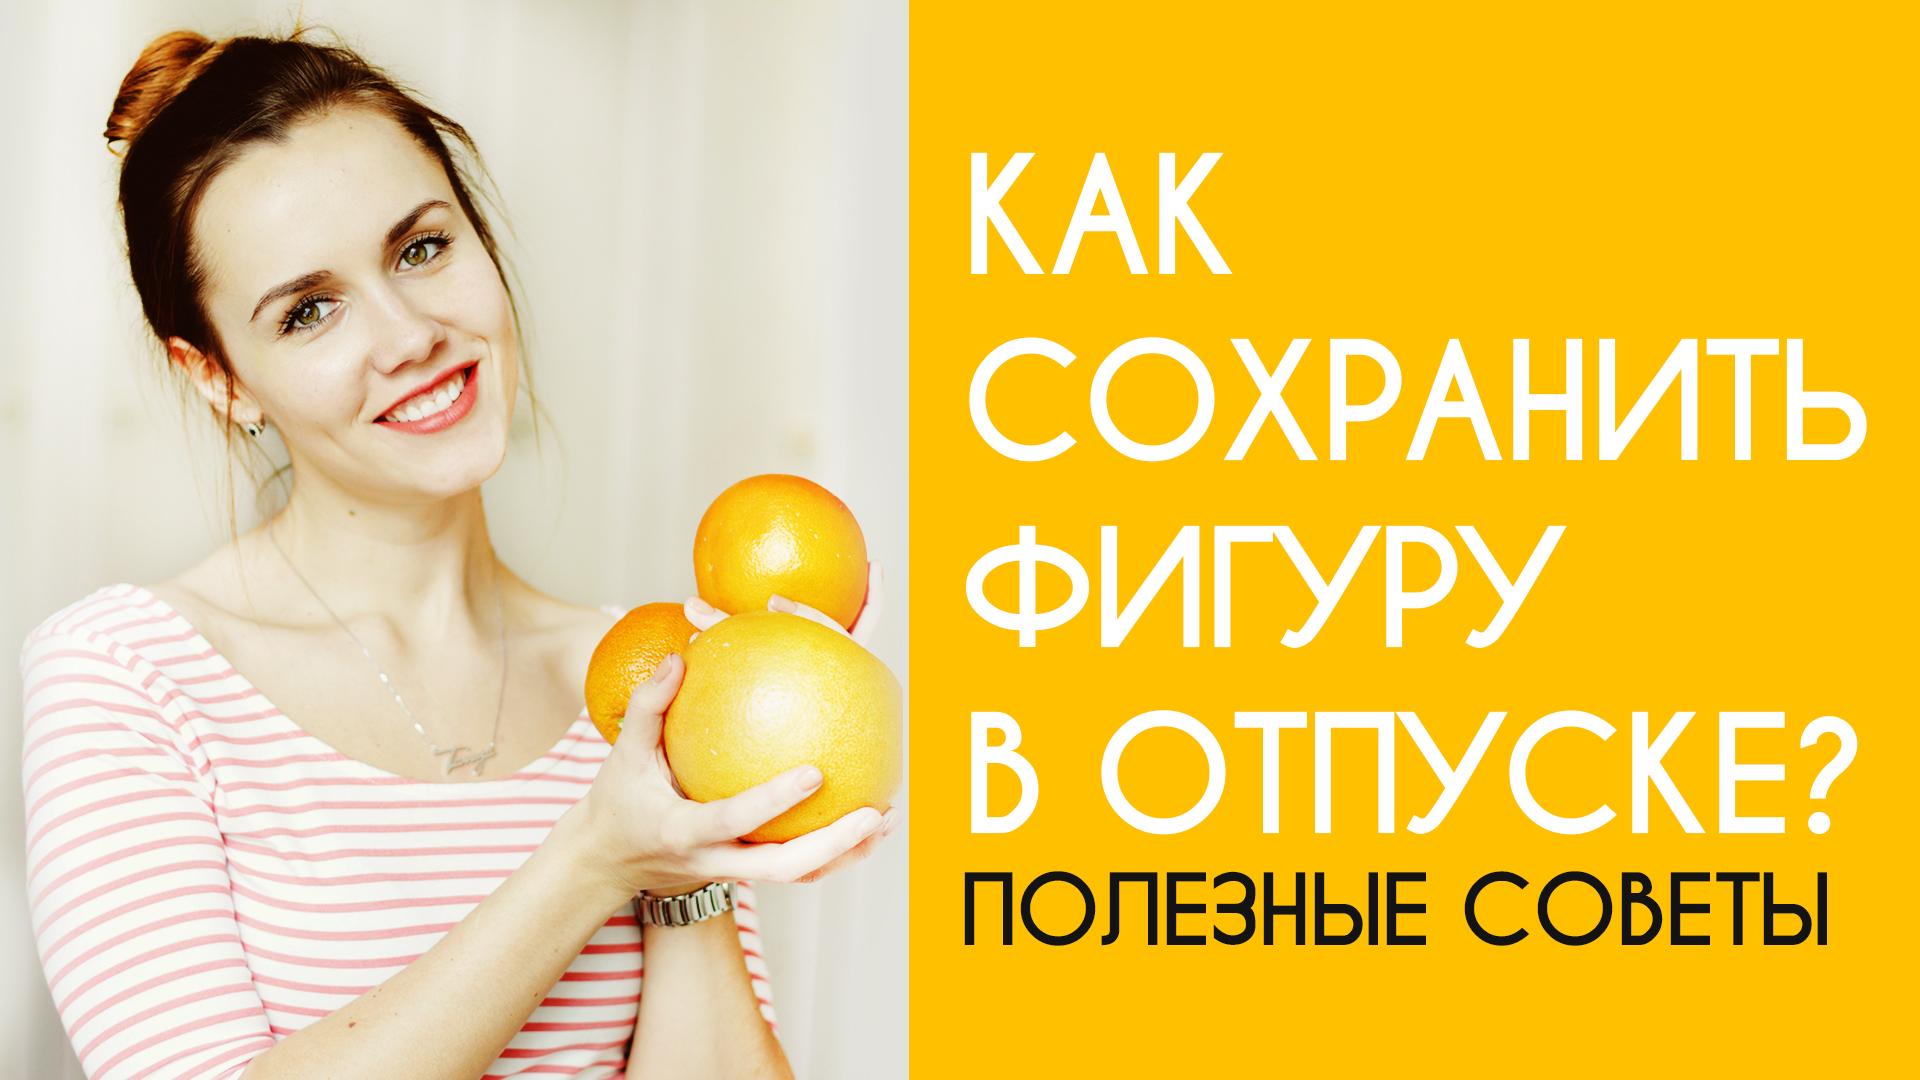 Kak_sohranit_fugyry_v_otpeske